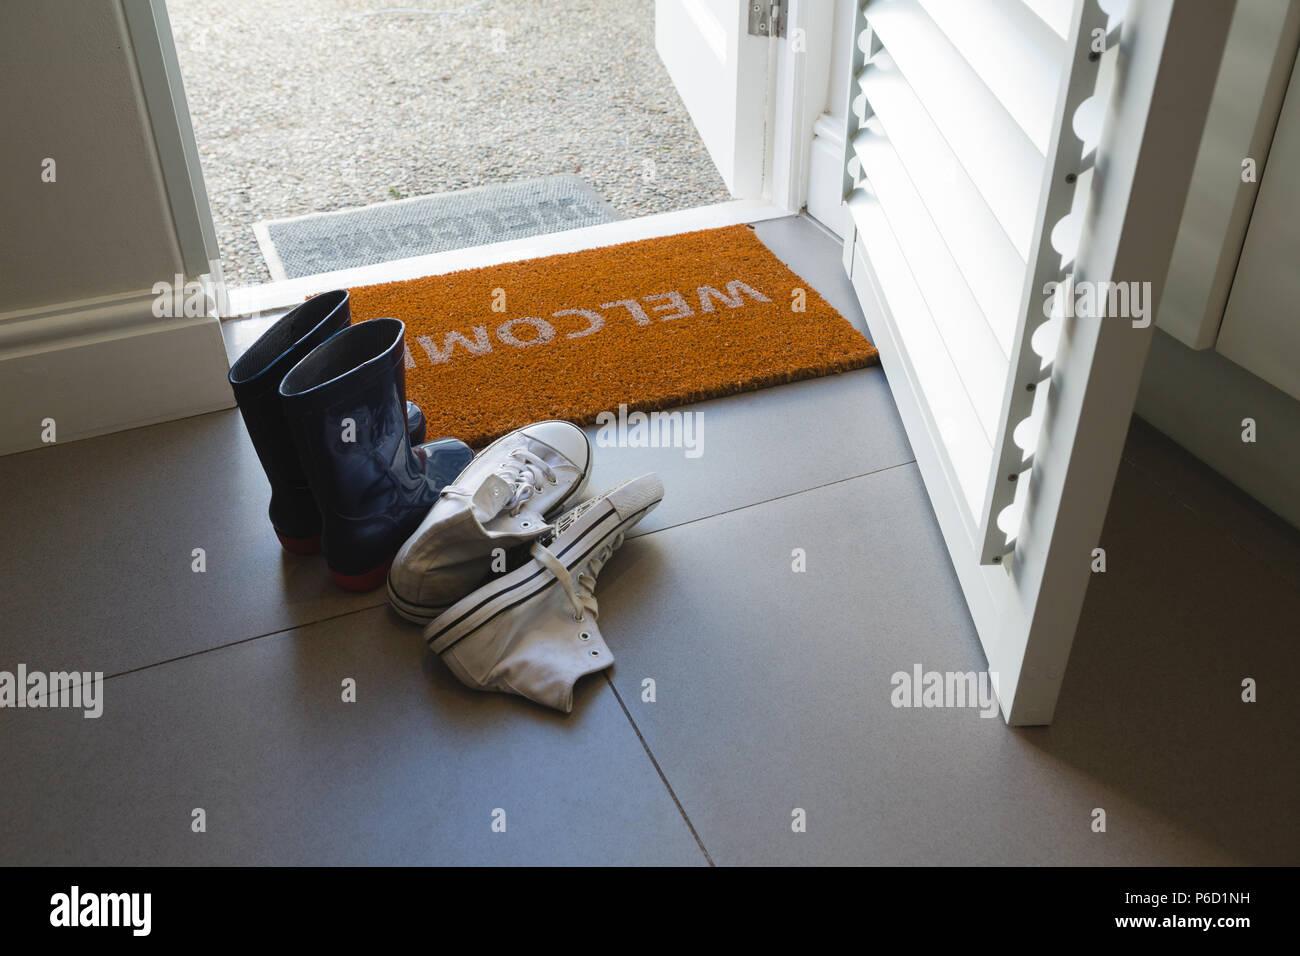 Chaussures divers conservés sur un tapis de porte Banque D'Images